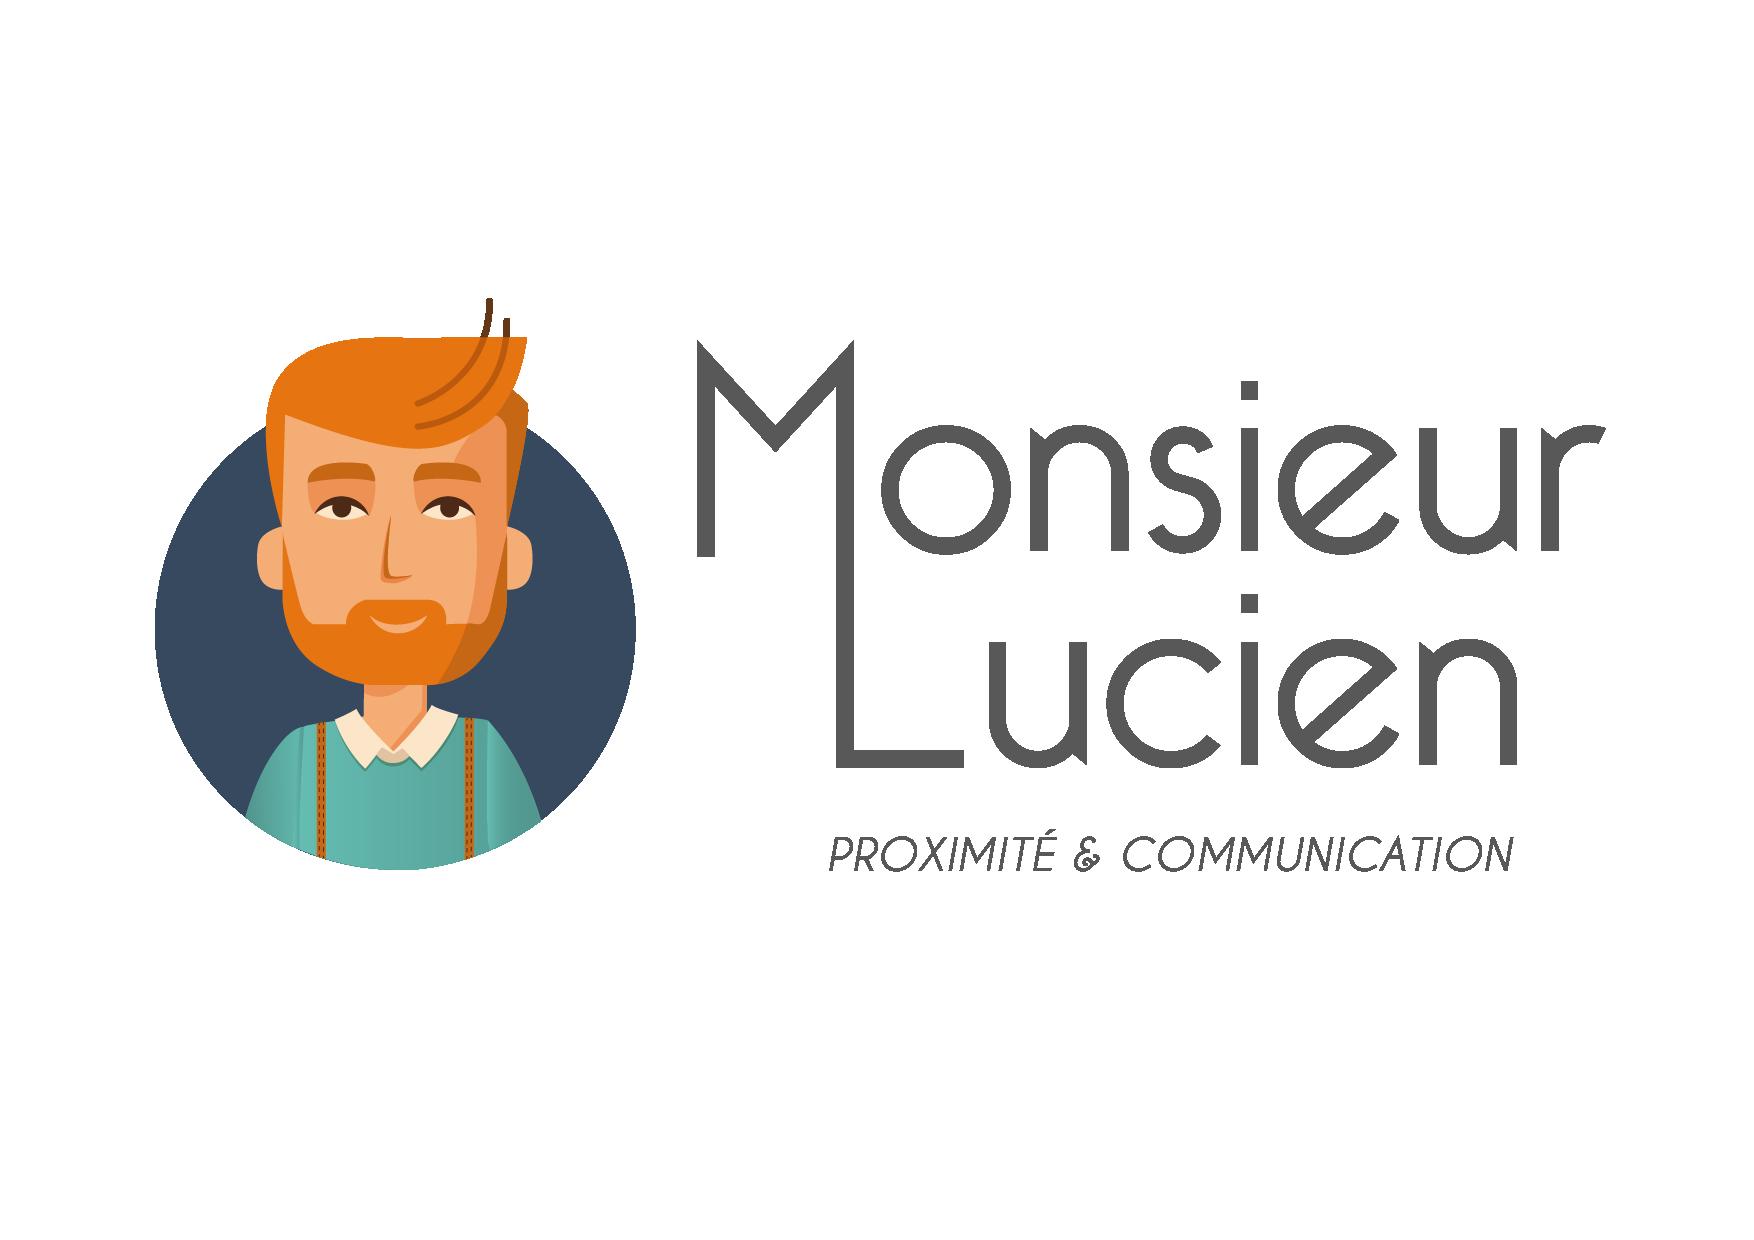 Monsieur Lucien